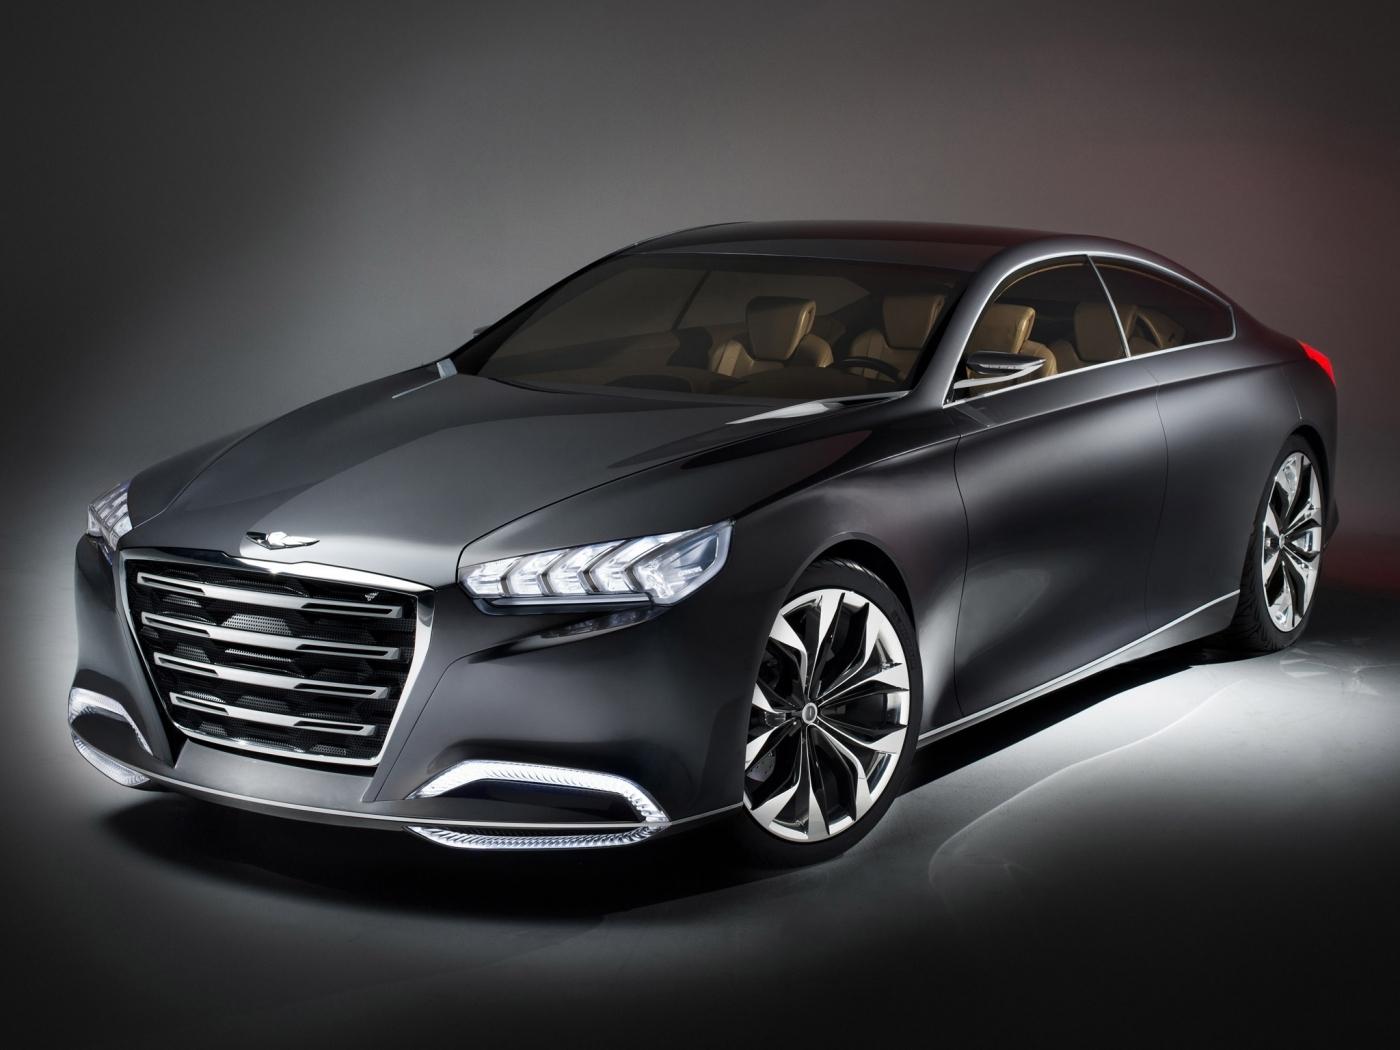 23693 скачать обои Транспорт, Машины, Тюнинг, Хюндай (Hyundai) - заставки и картинки бесплатно